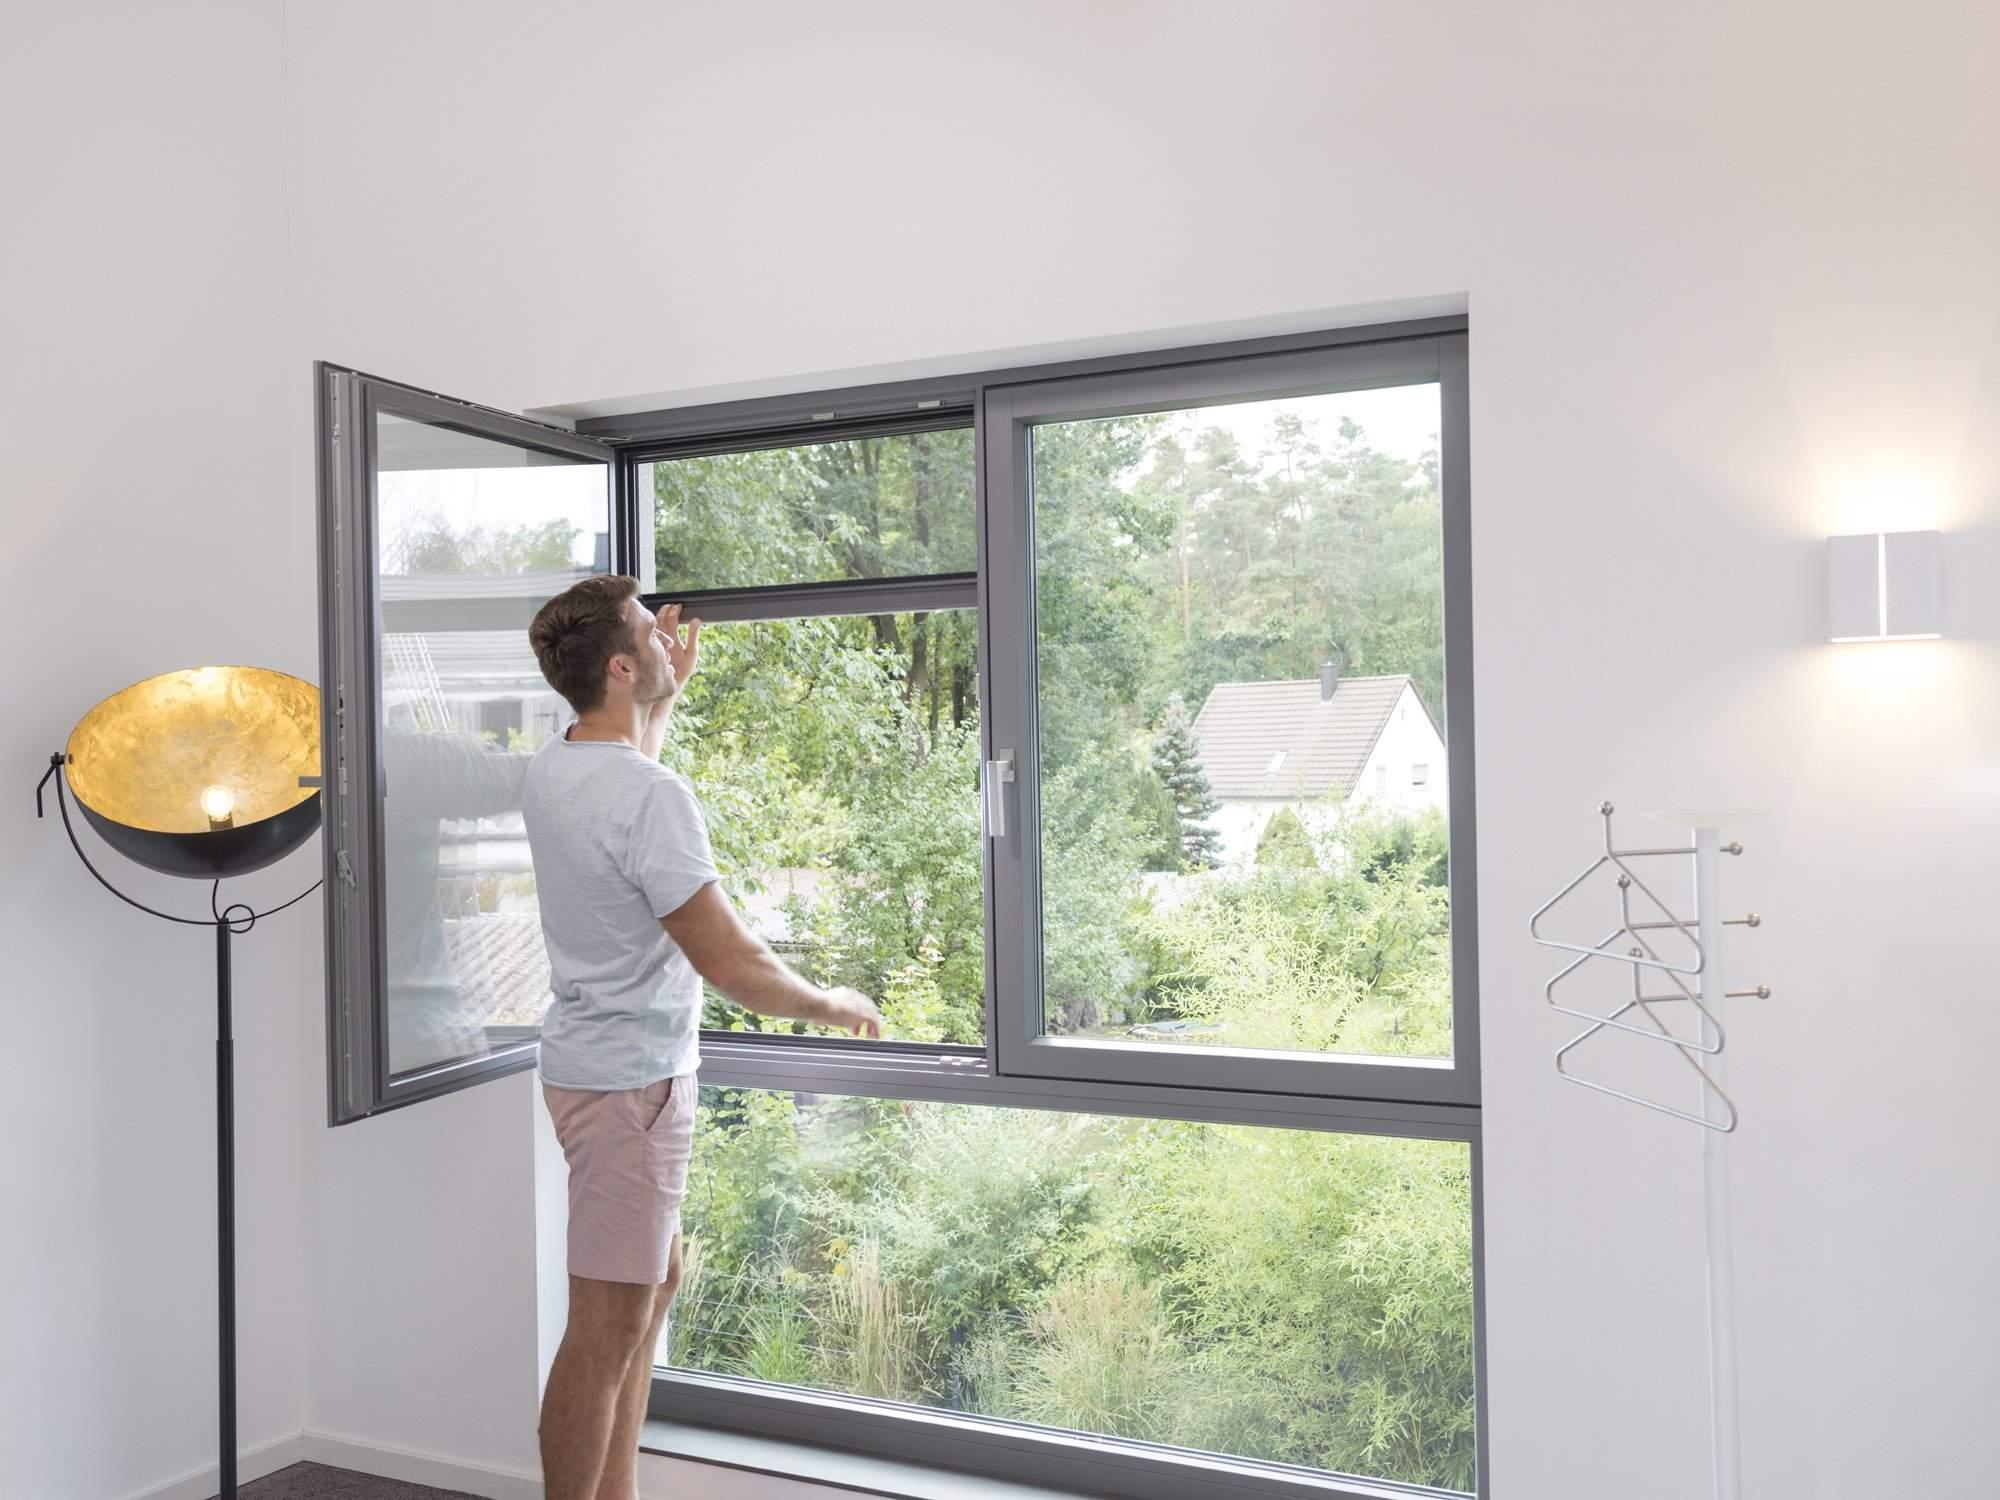 Full Size of Fenster Reinigen Dänische Konfigurator Anthrazit Dachschräge Plissee Einbauen Schüco Mit Rolladenkasten Lüftung Sicherheitsfolie Sonnenschutz Außen Fenster Insektenschutzrollo Fenster